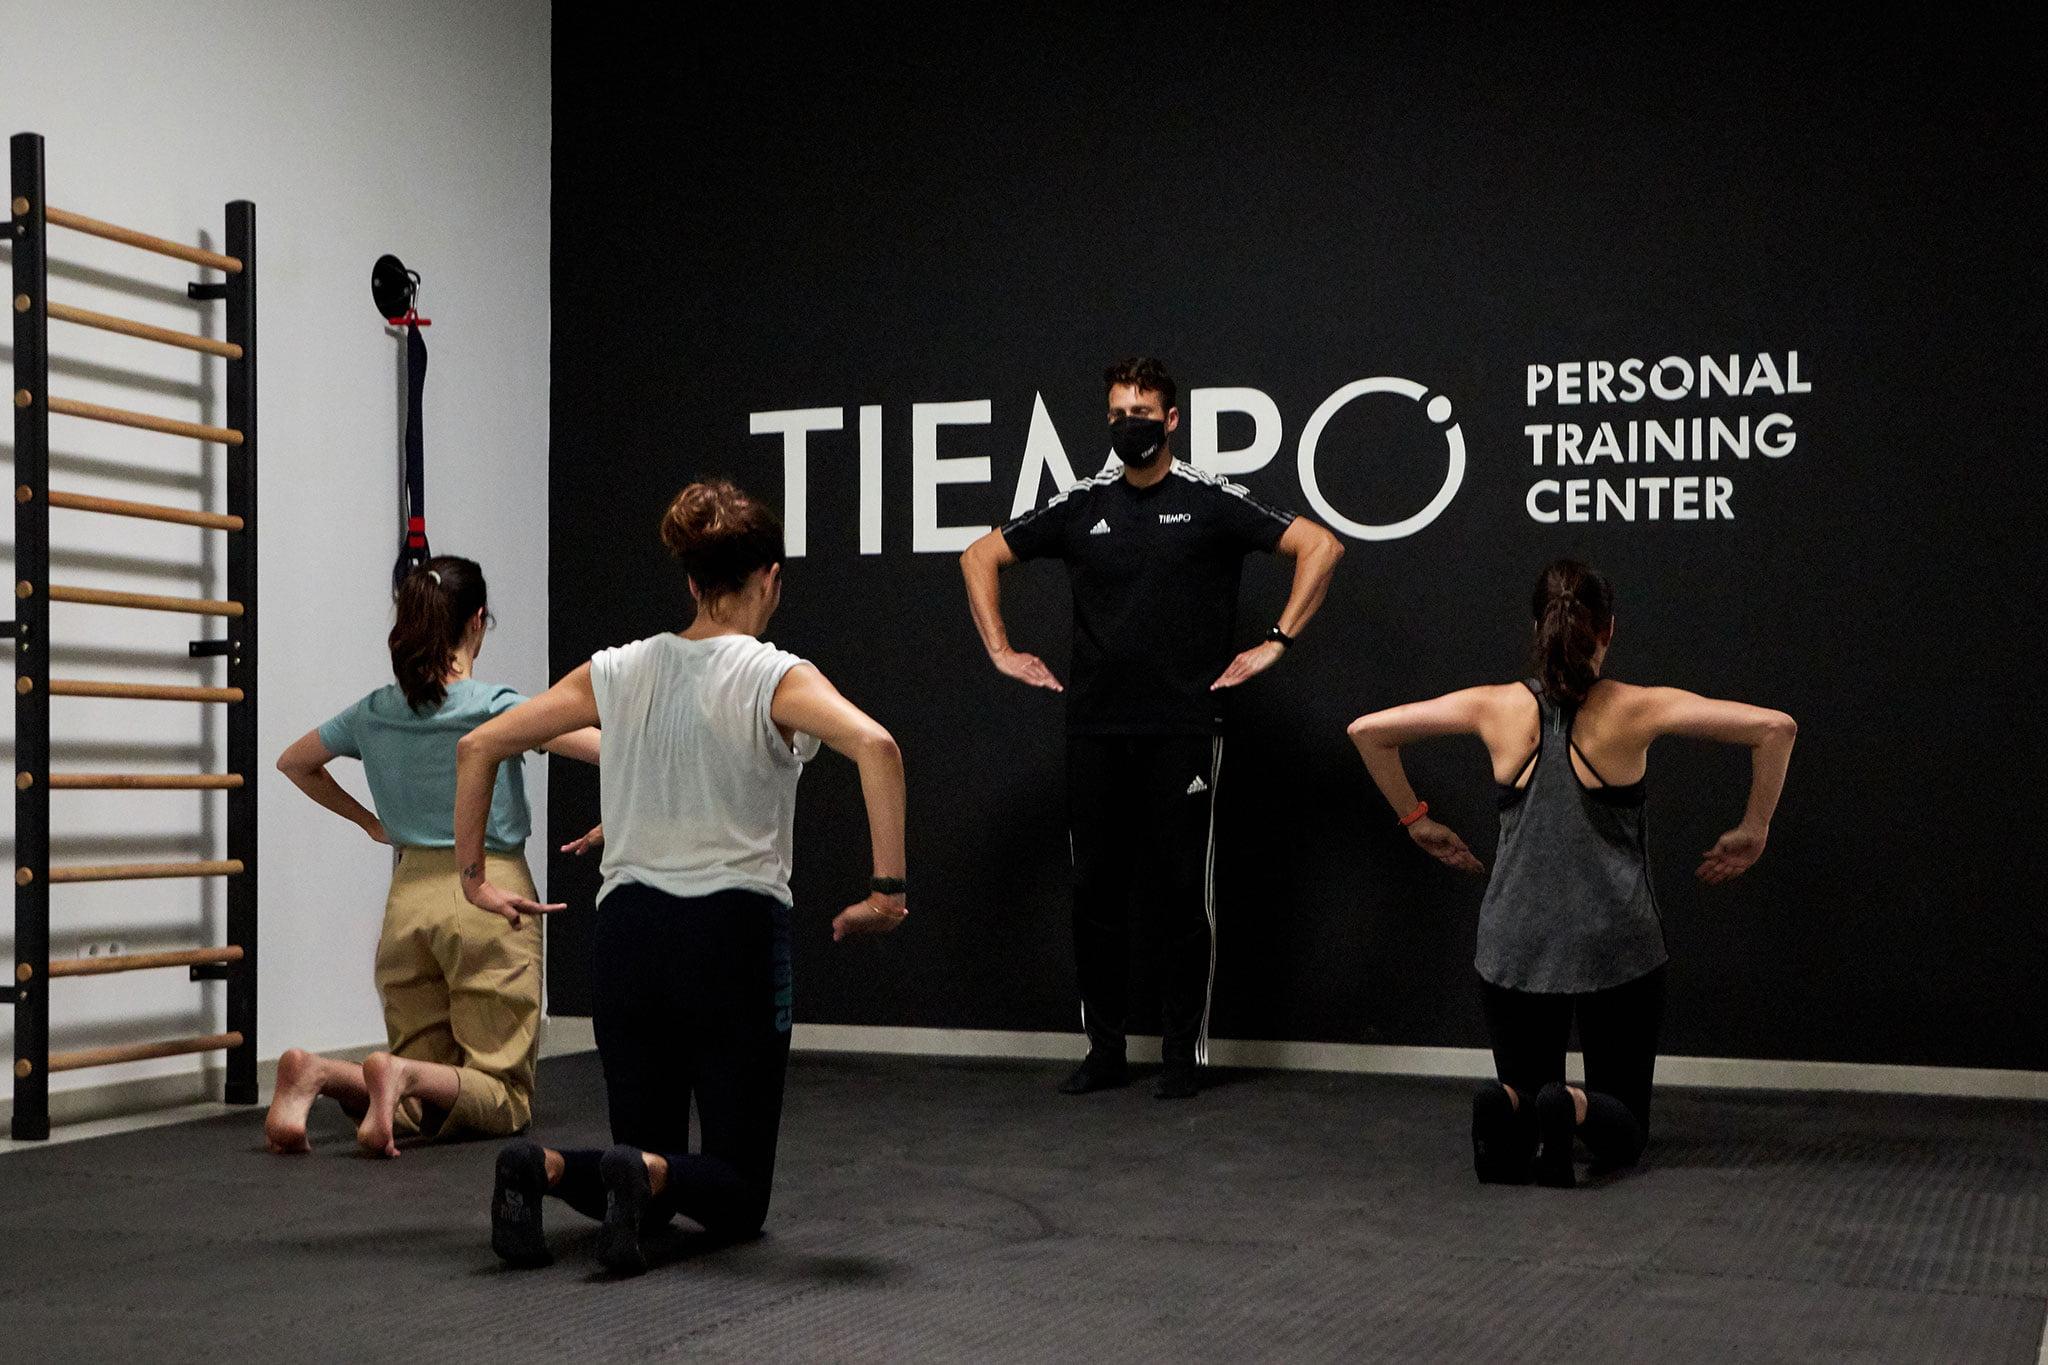 Entrenamiento de grupo – Tiempo Personal Training Center